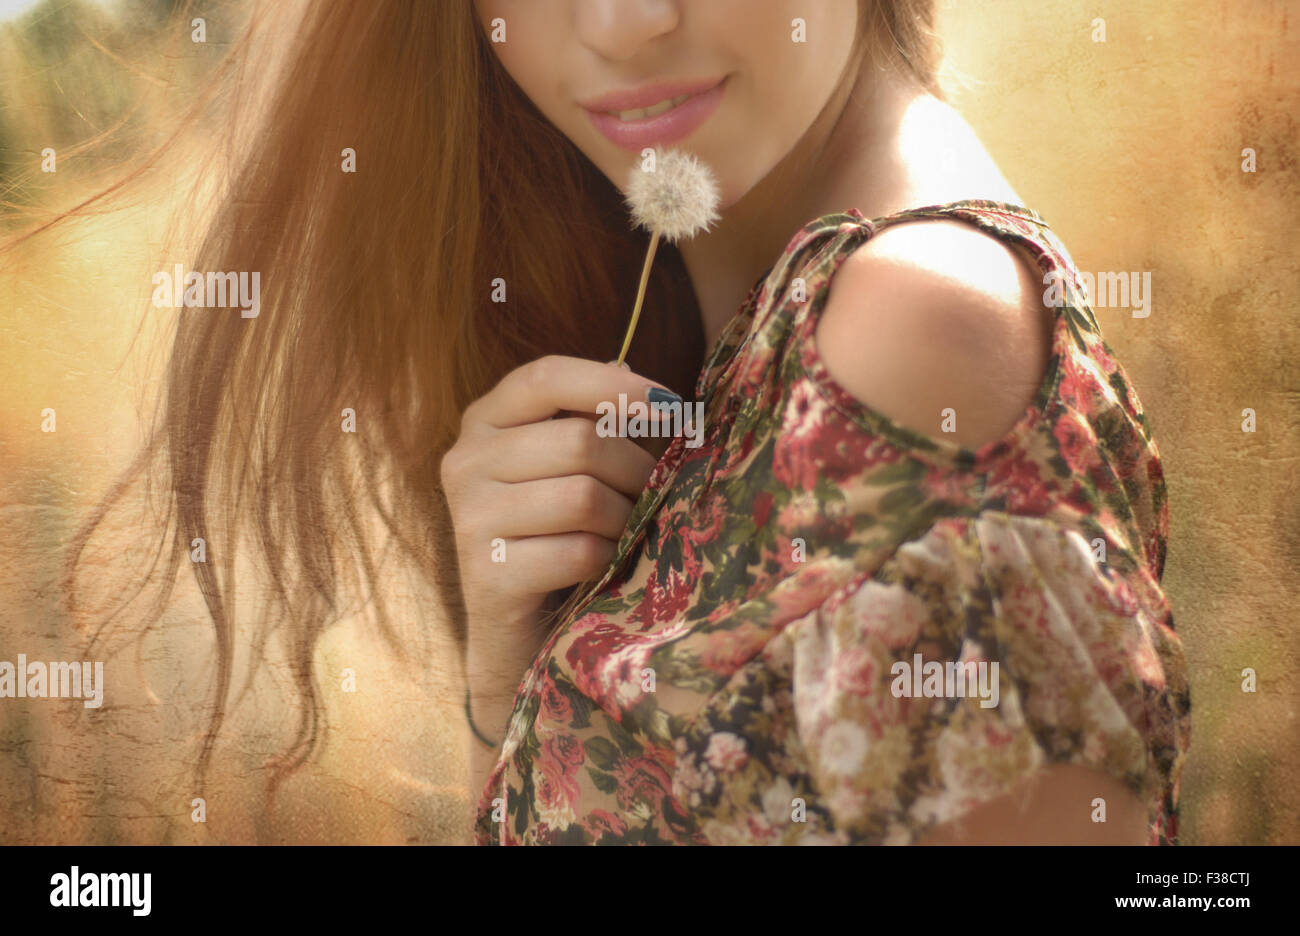 La moitié de visage d'une femme aux cheveux blonds pissenlit lèvres rose Photo Stock